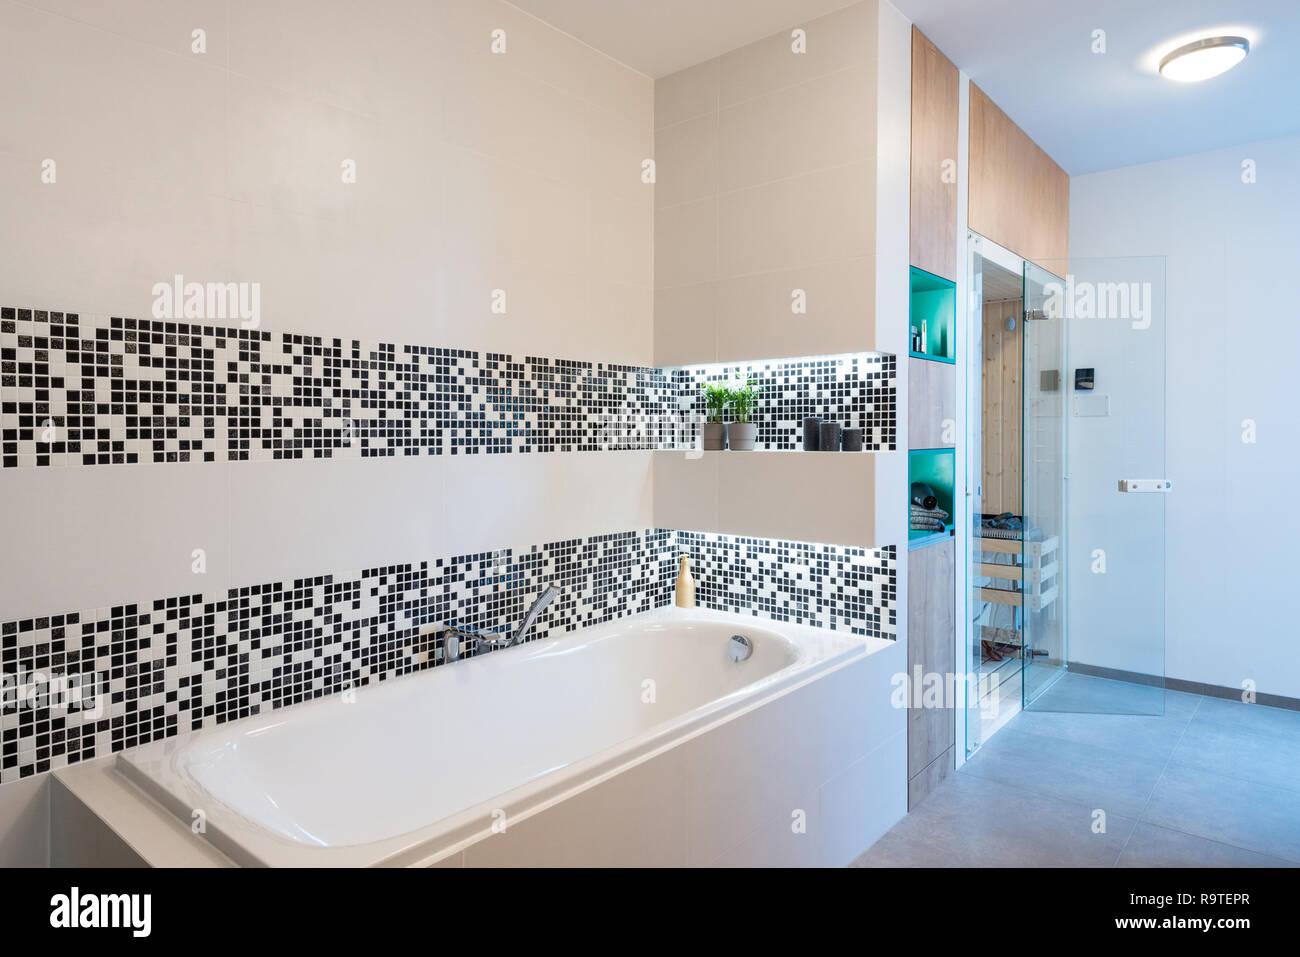 Kleine Sauna im Badezimmer der modernen Haus Stockfoto, Bild ...